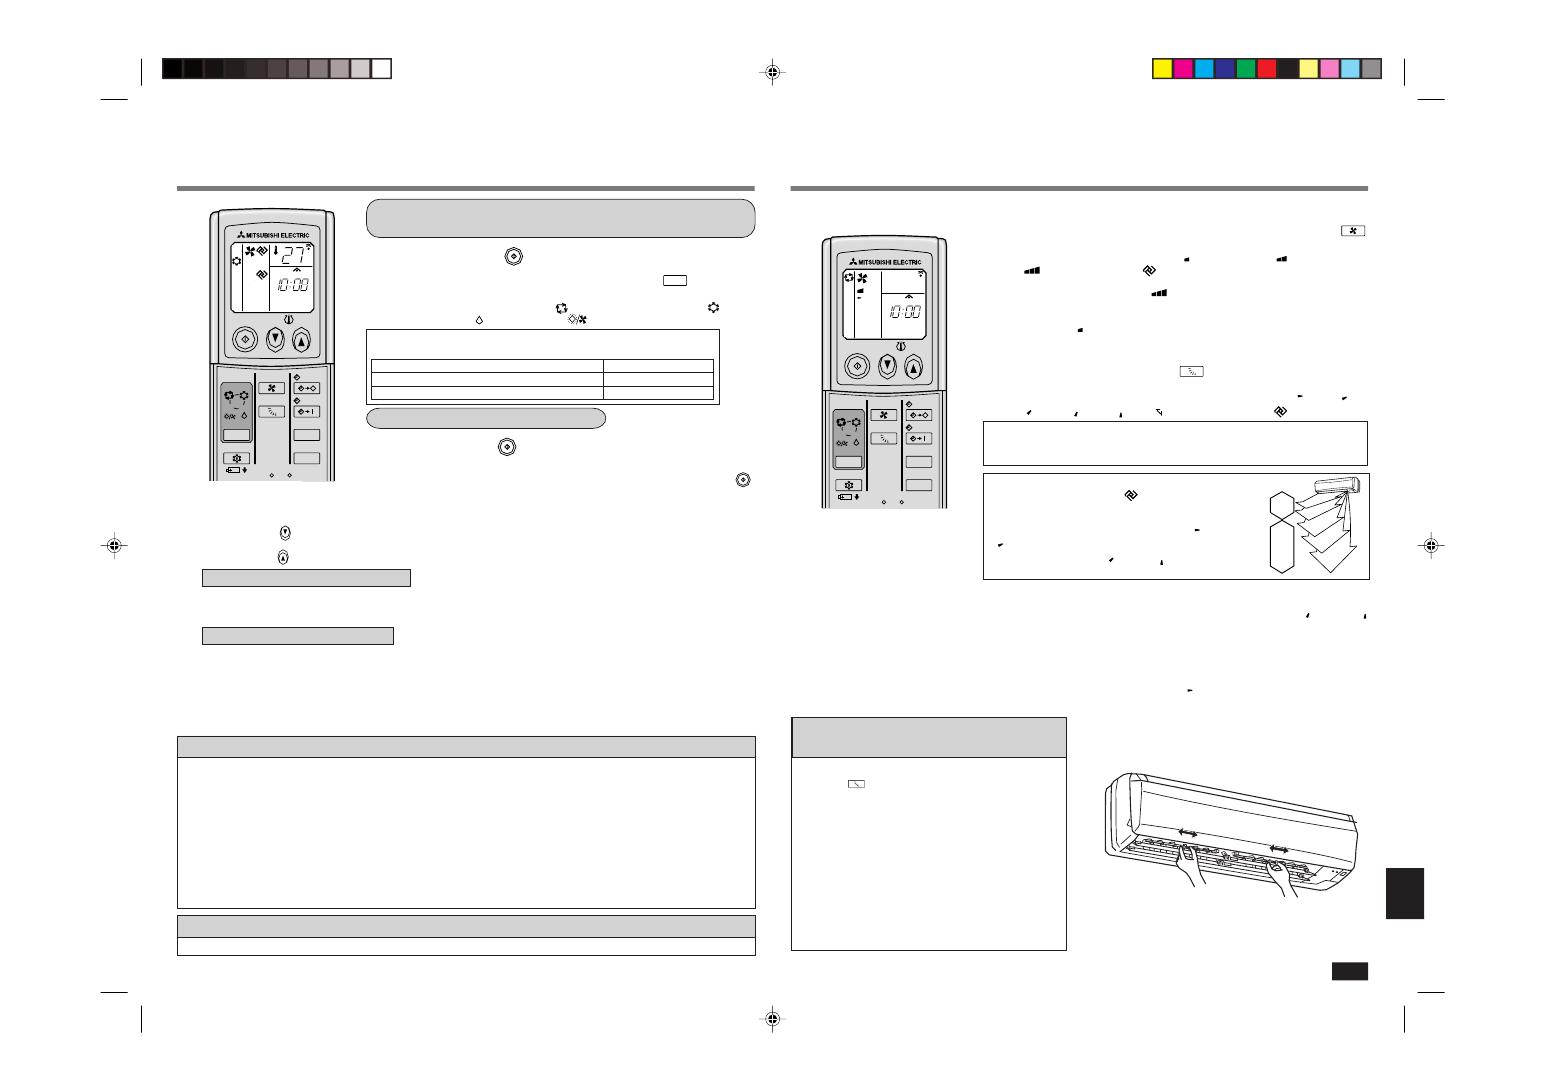 инструкция с пульту кондиционера mitsubishi electronic